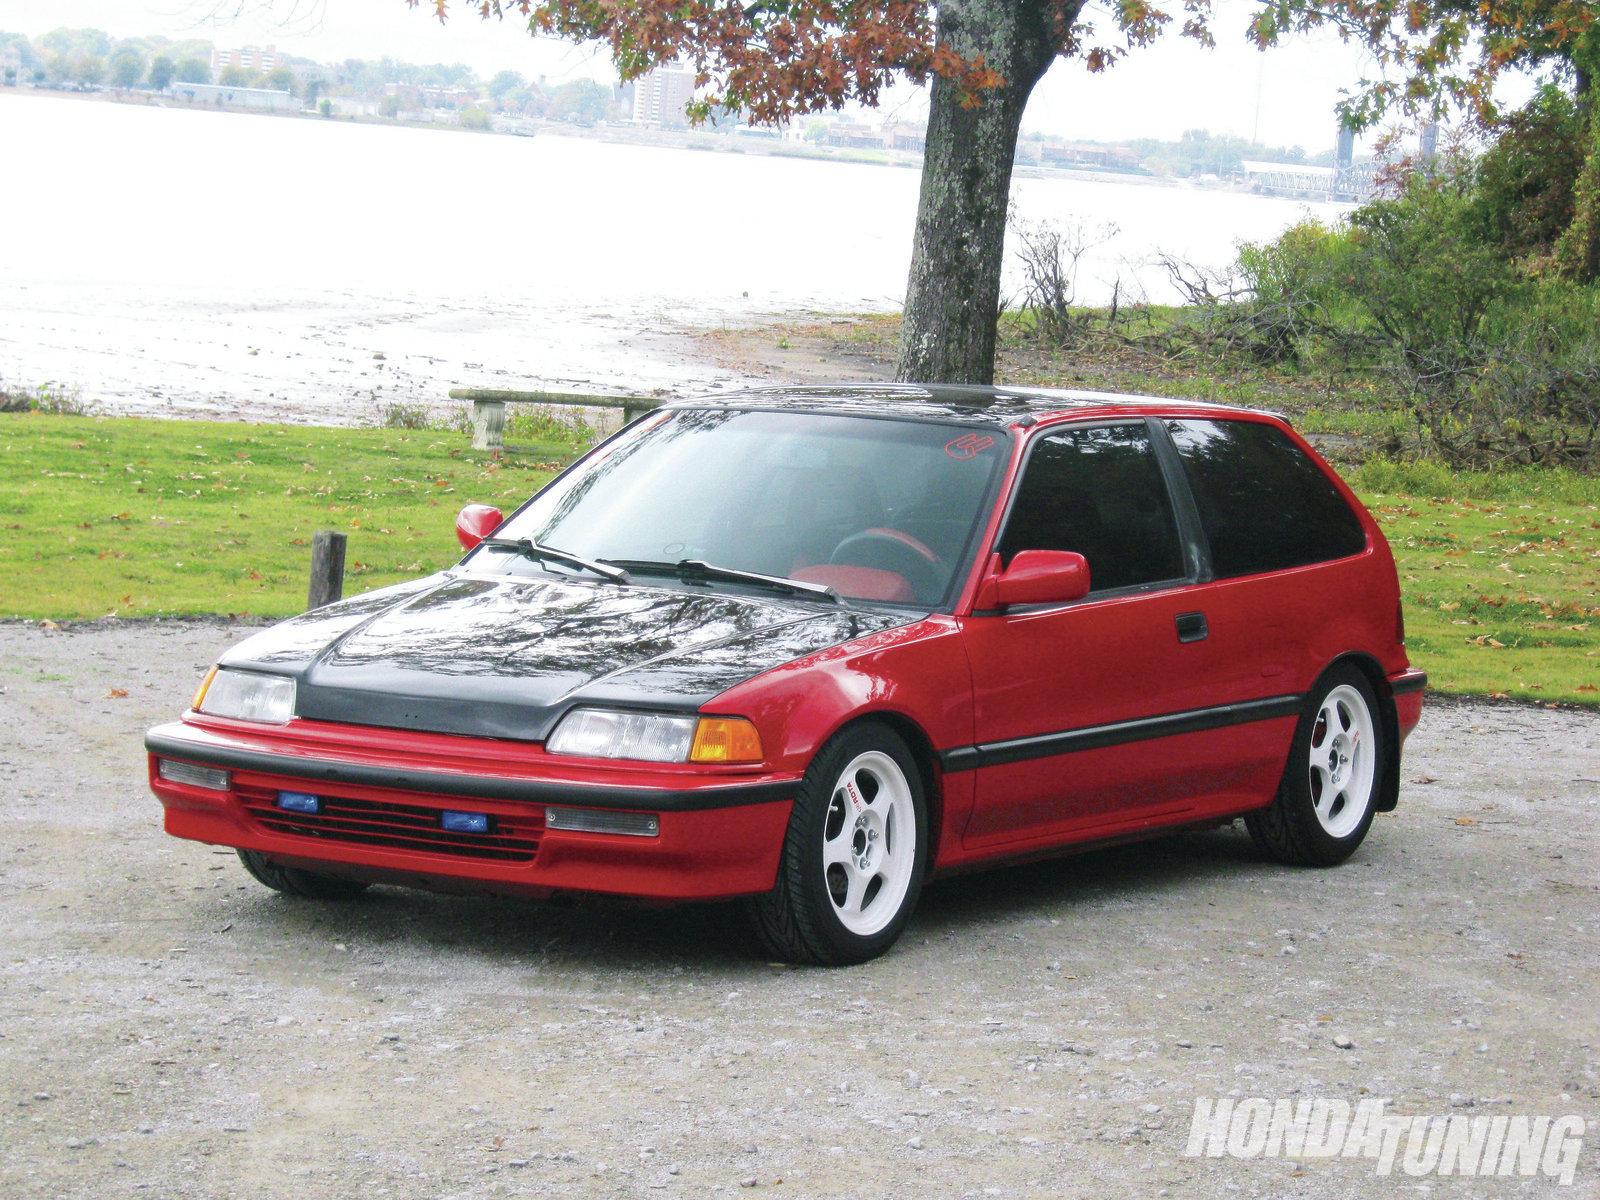 Kelebihan Kekurangan Honda Civic 91 Tangguh